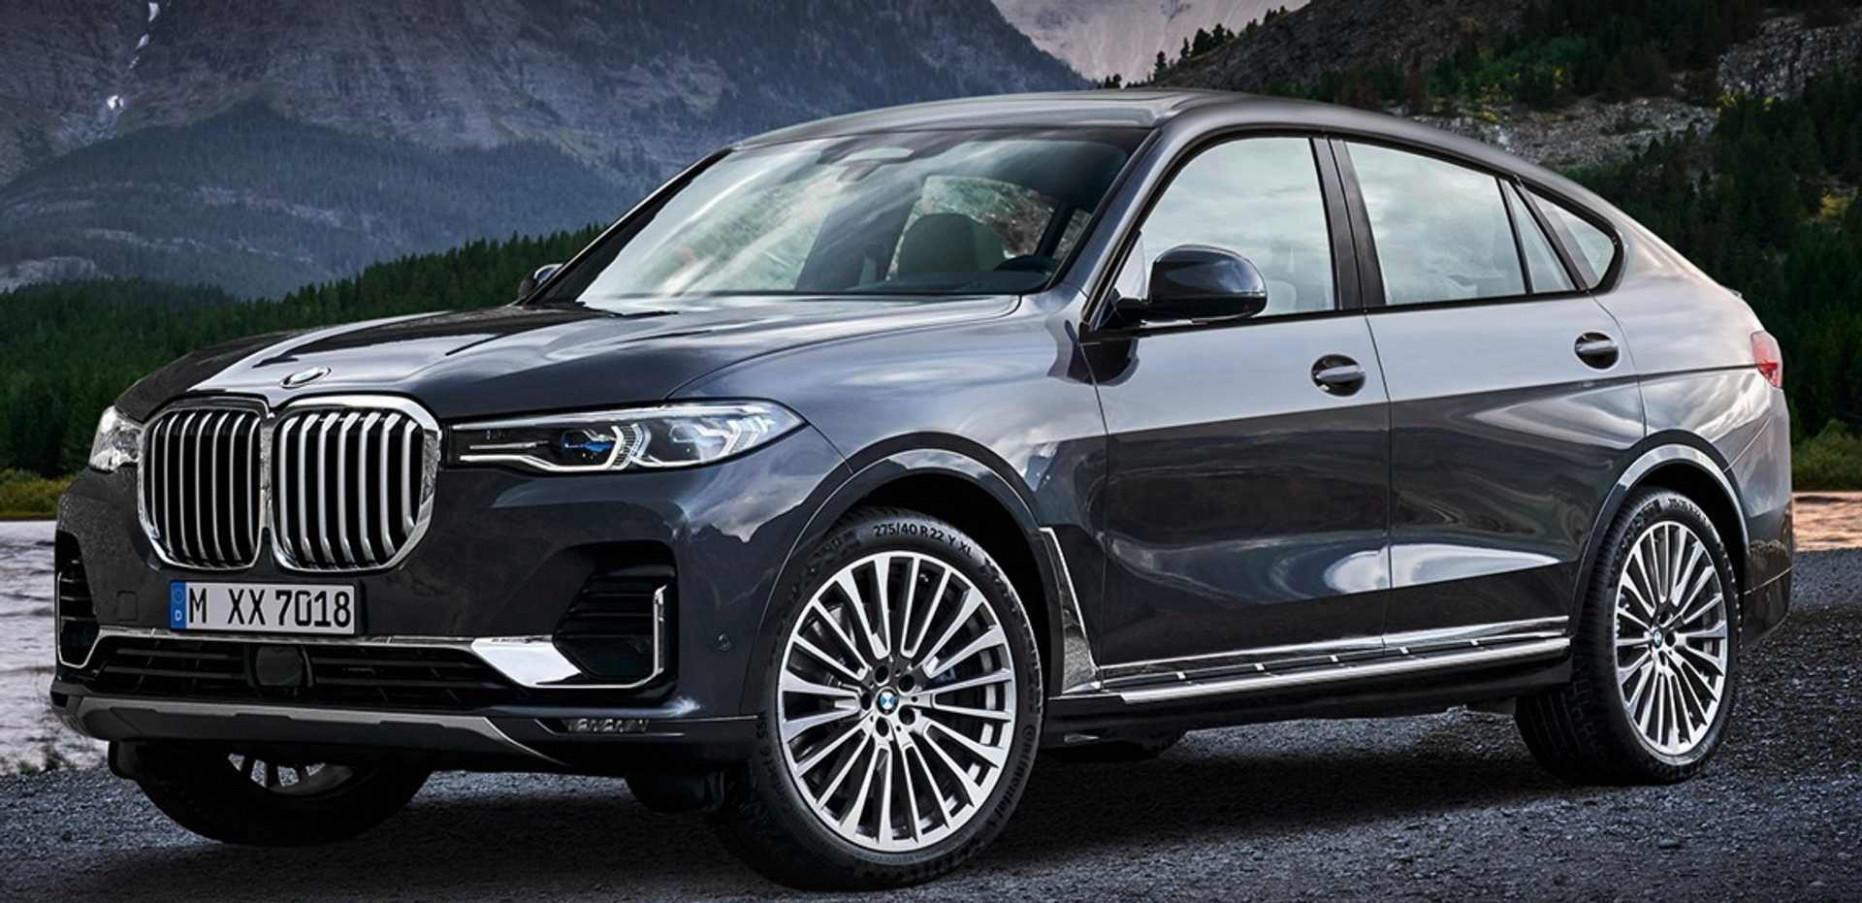 Research New BMW En 2022